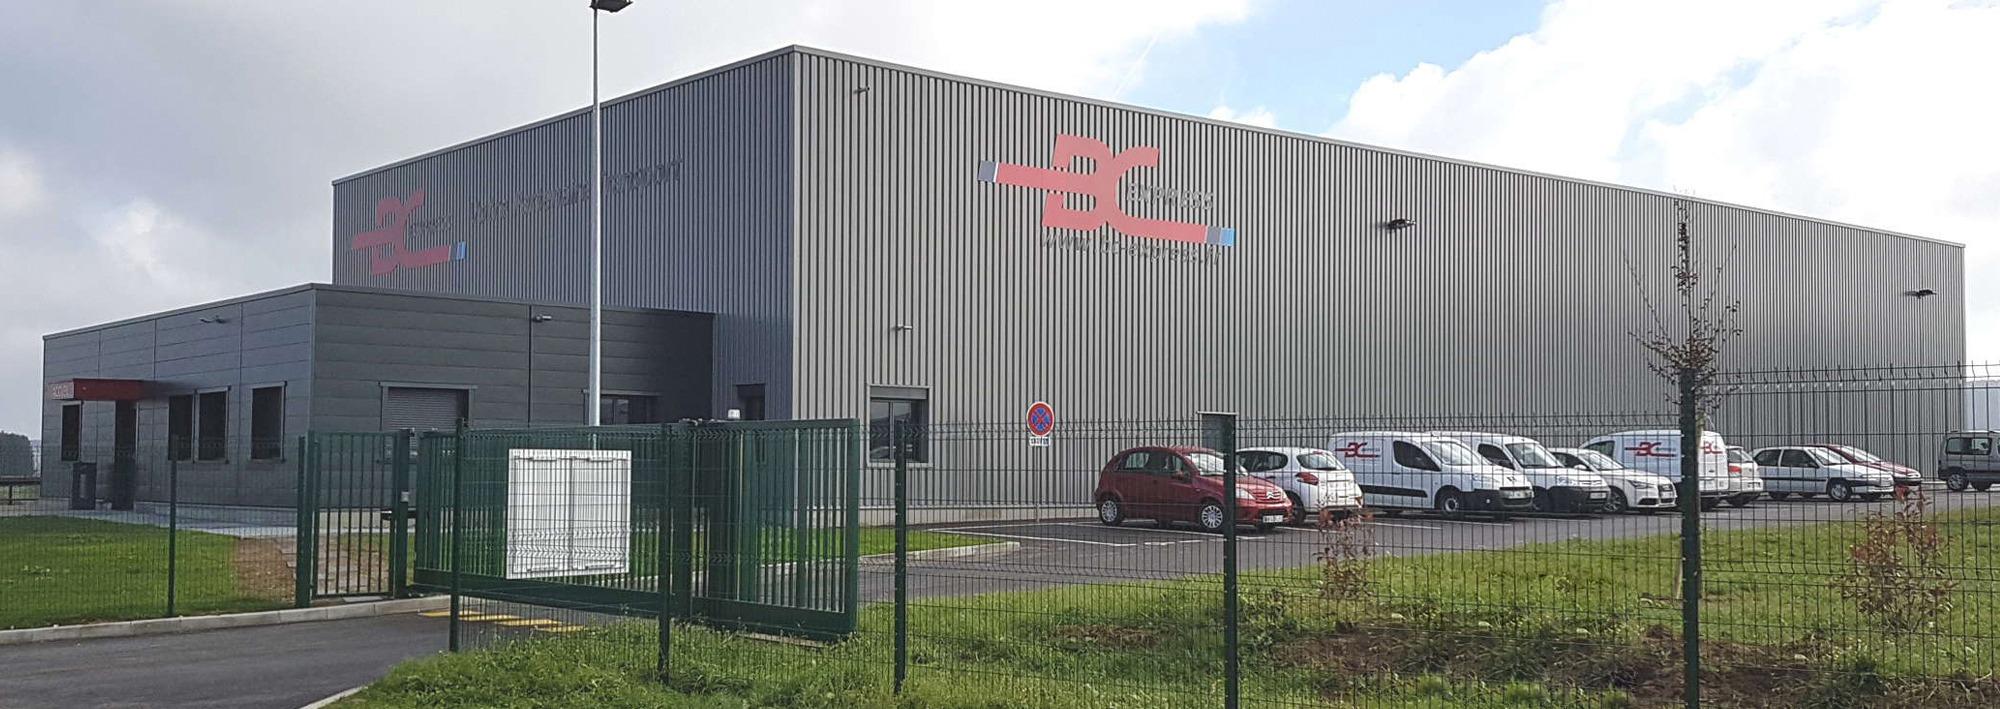 SCI-ML3-Delle-90-Construction-batiment-industriel-entrepot-de-stockage-bureaux